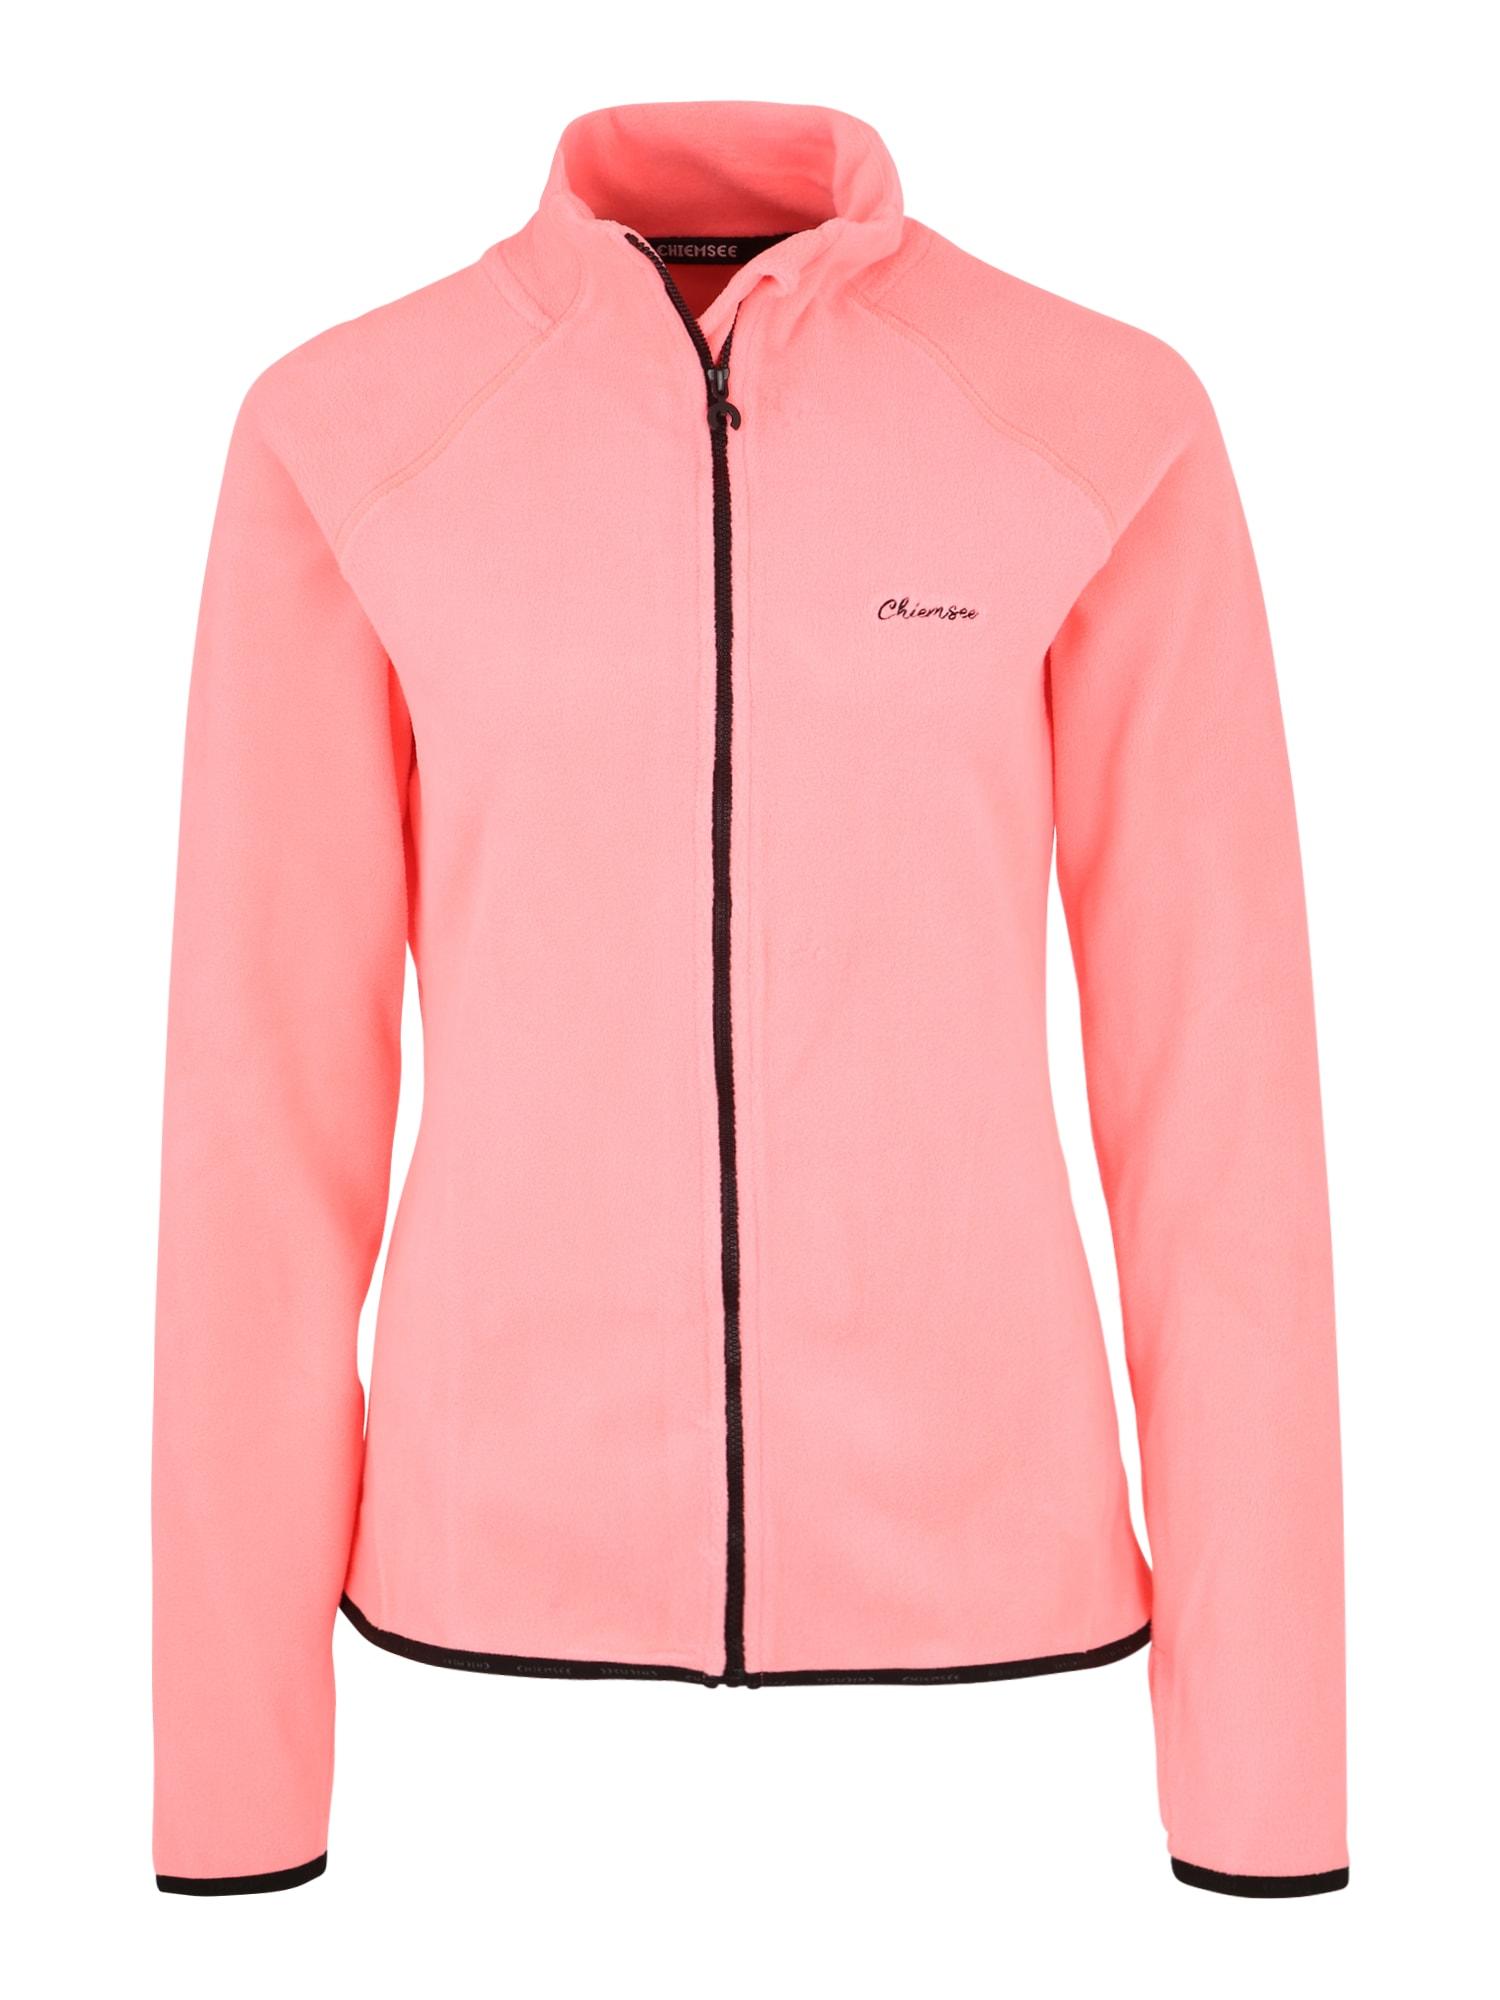 CHIEMSEE Sportinio tipo megztinis neoninė rožinė